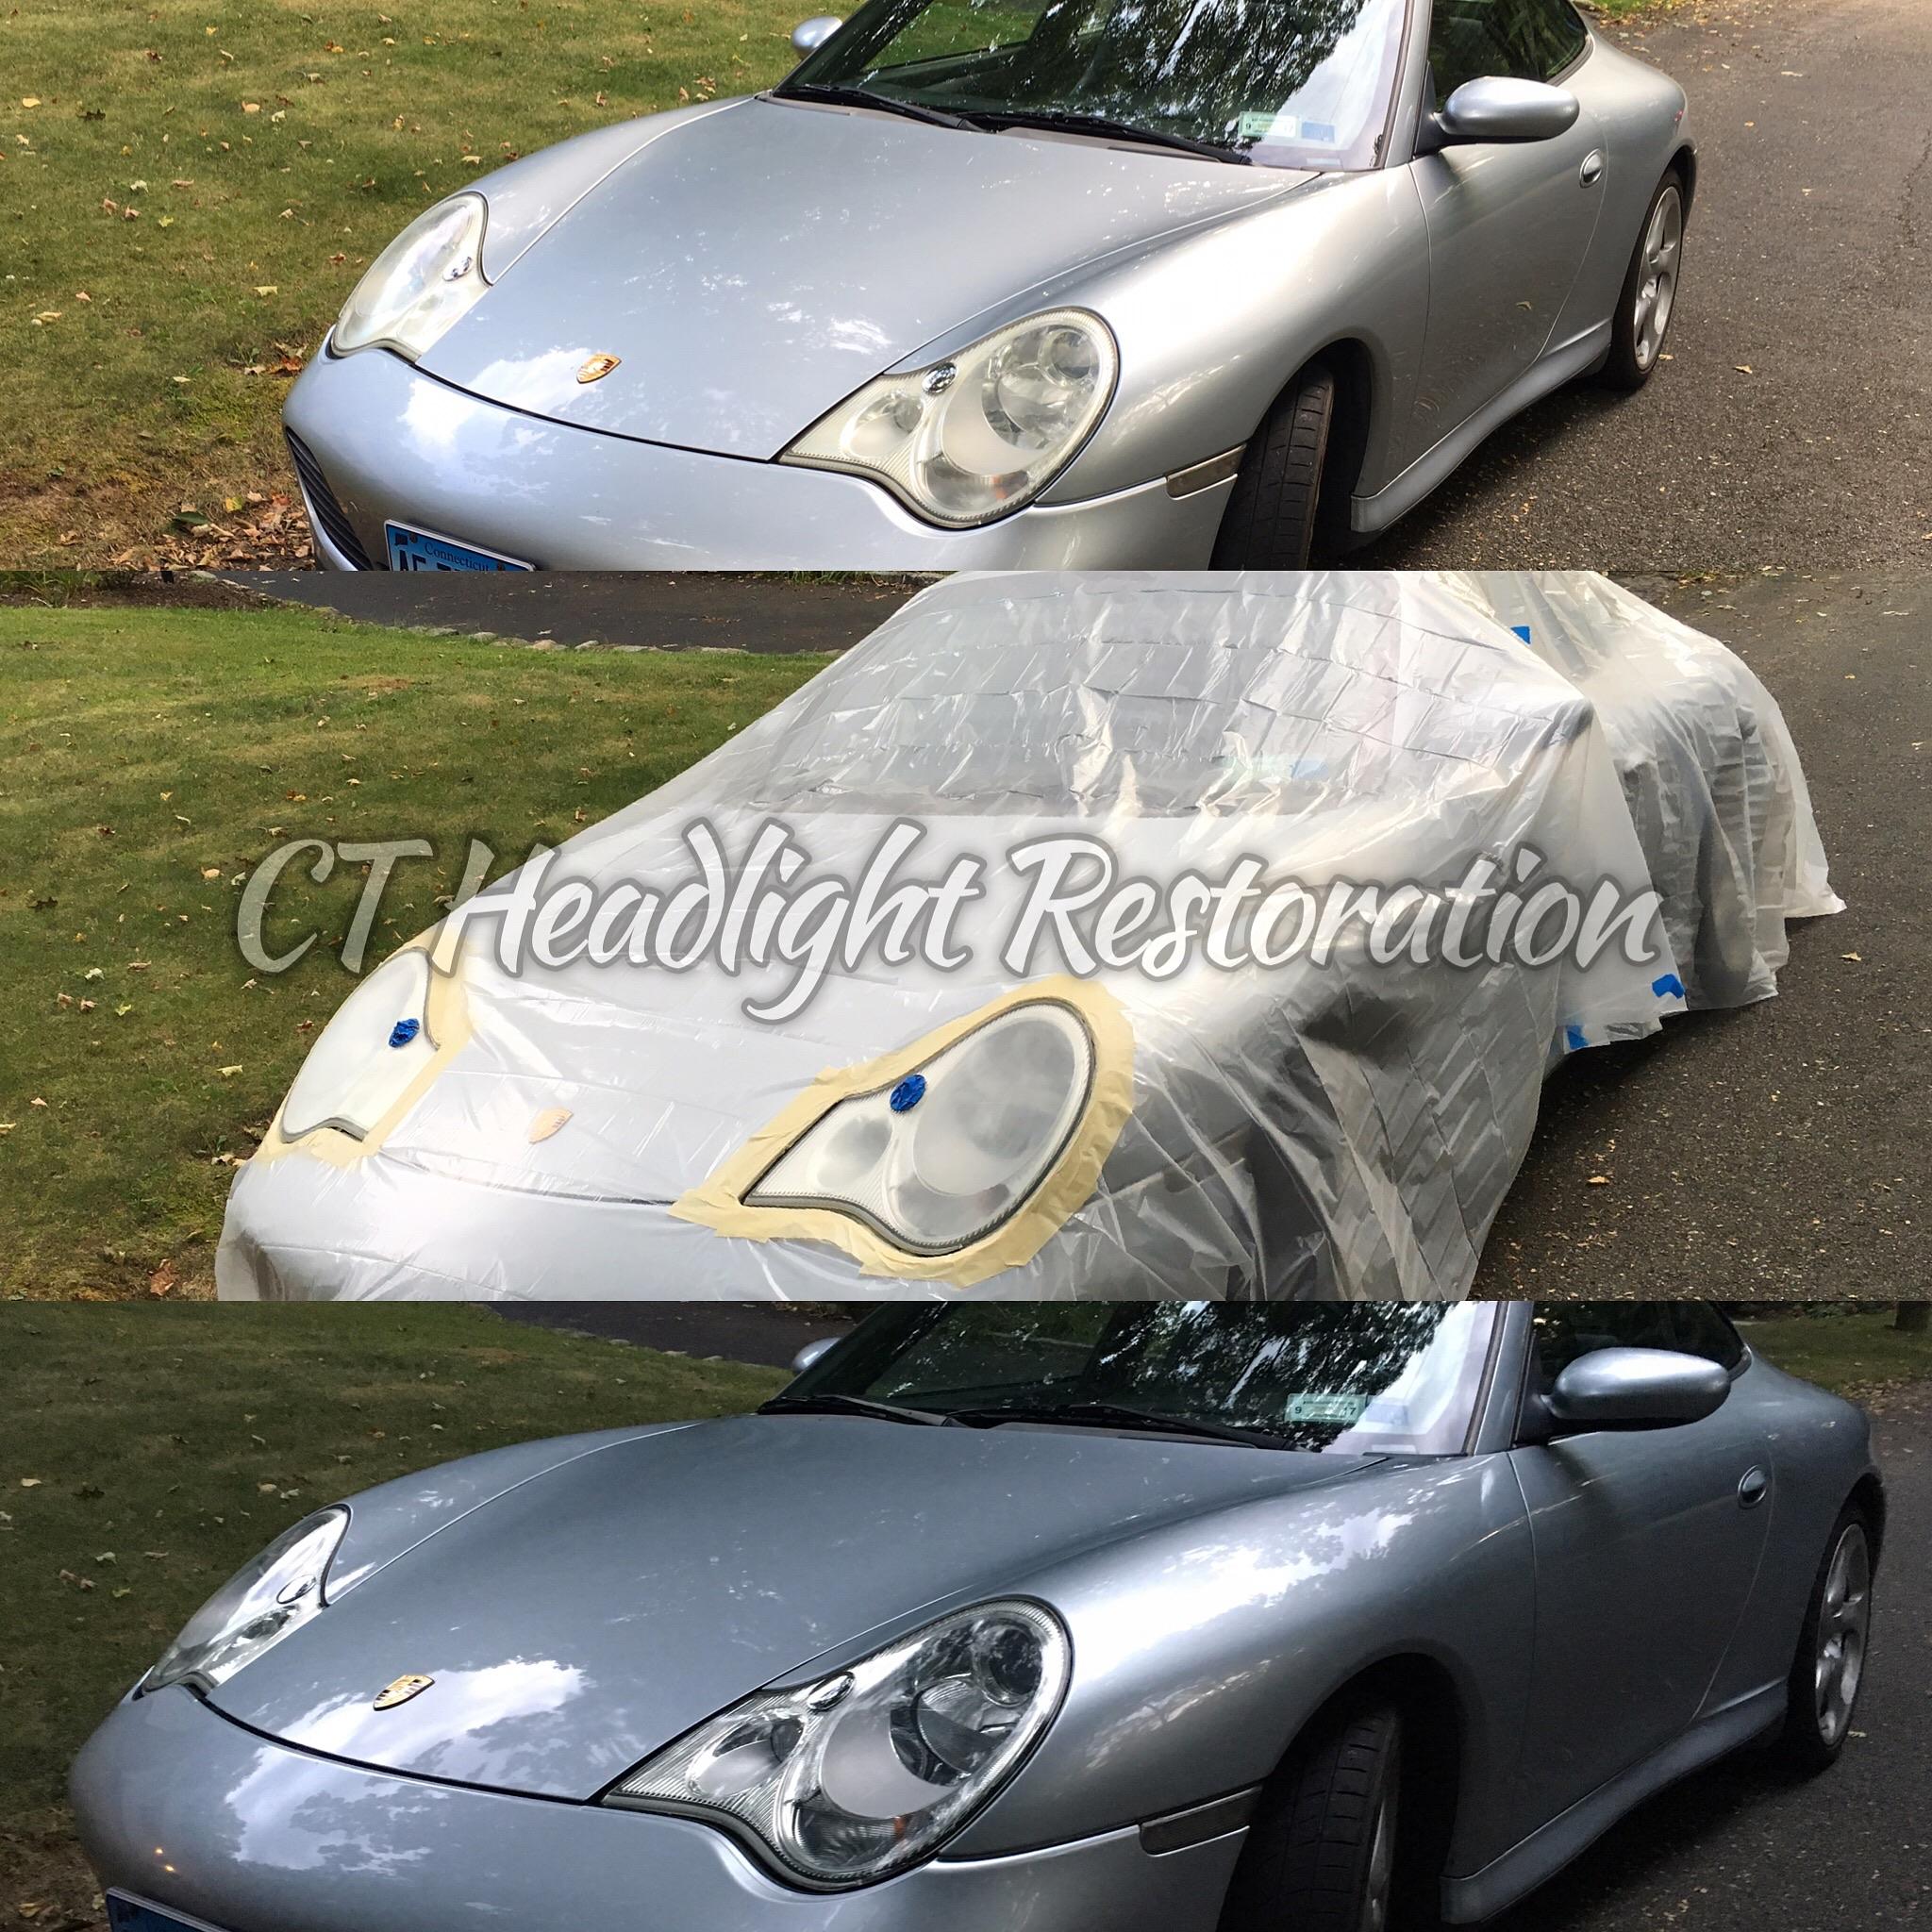 Porsche 911 Headlight Restoration Amazing.jpg